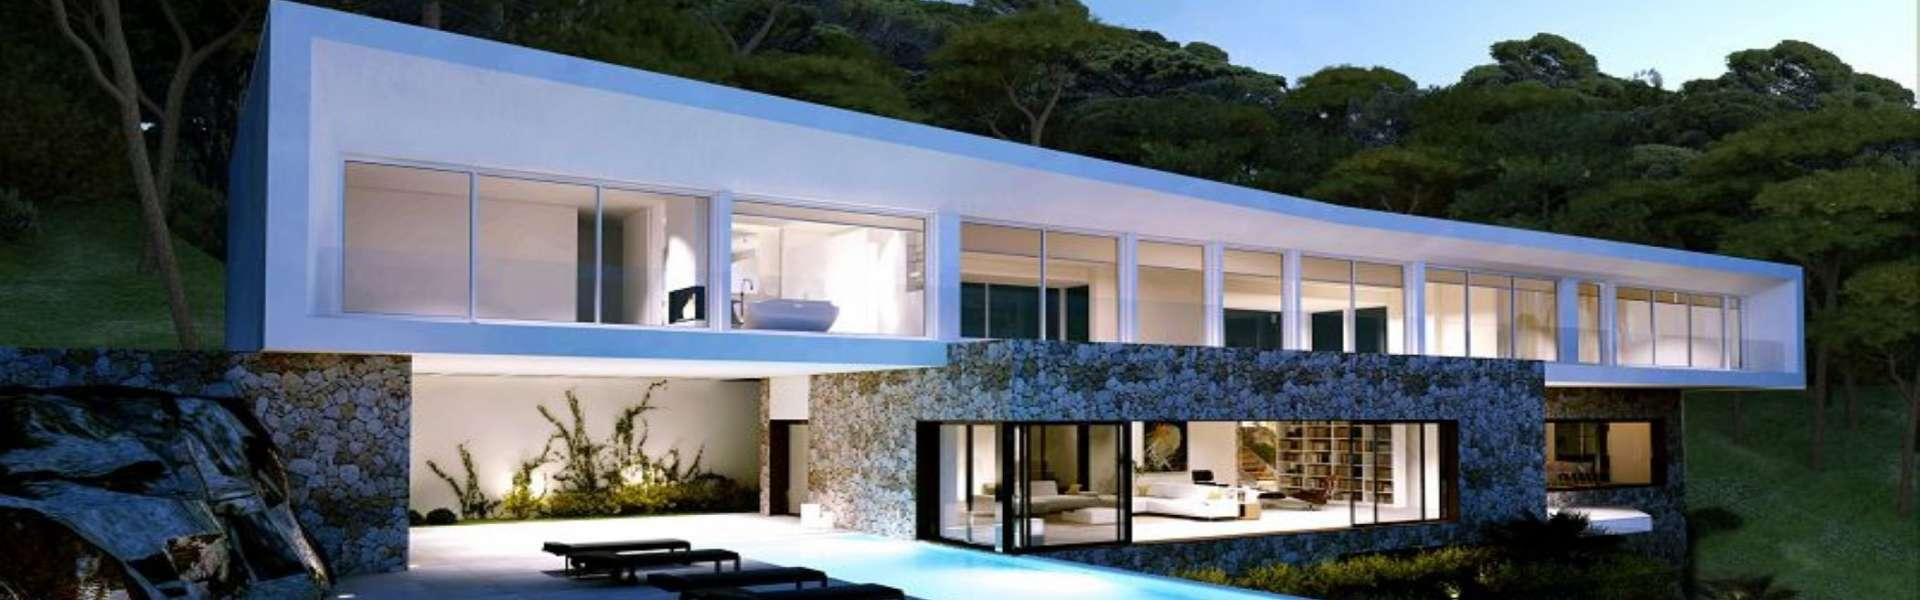 Sol de Mallorca/Villa new construction project with sea view